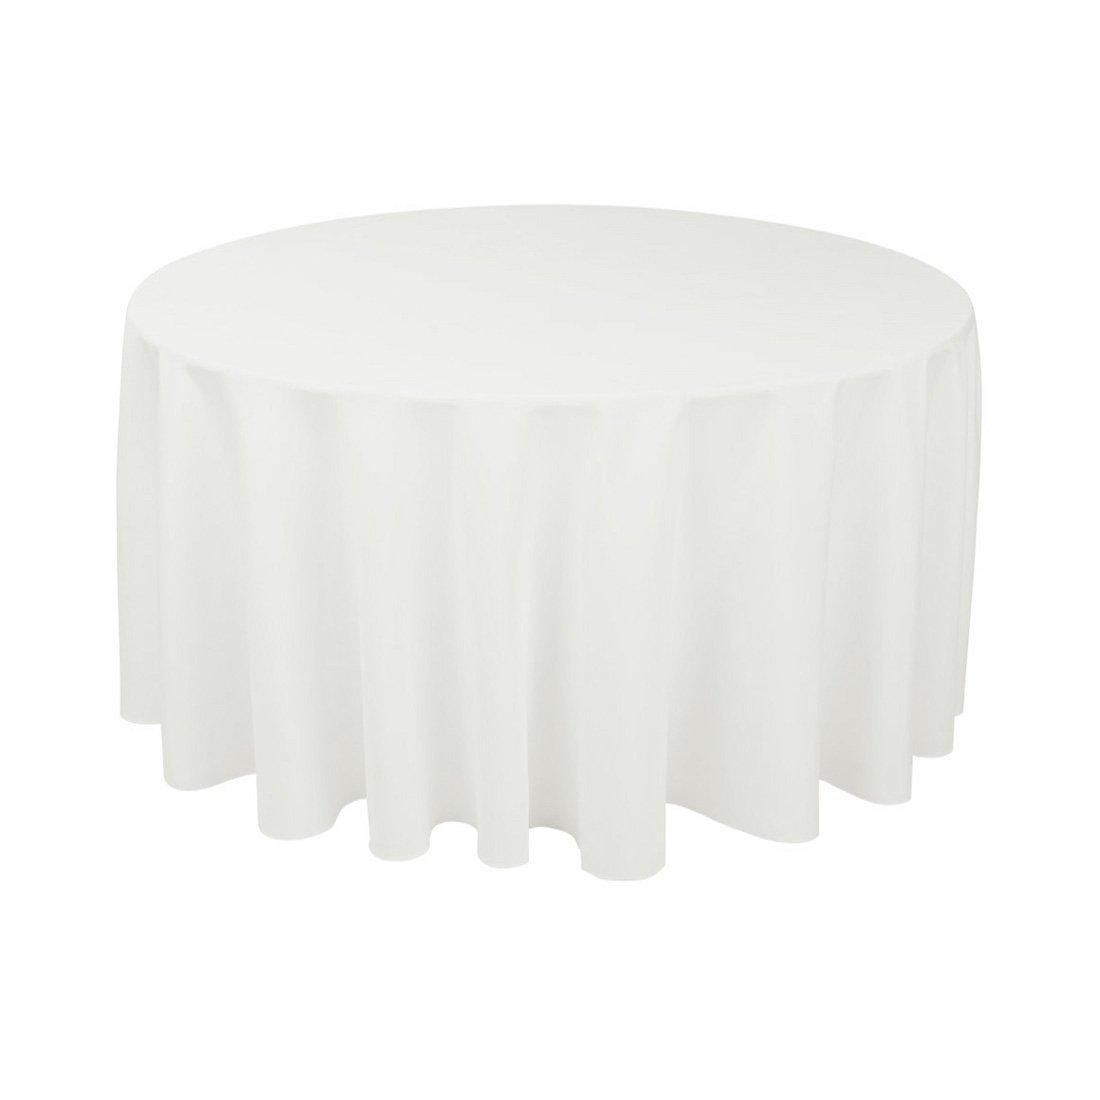 Toalha para mesa aparador branca